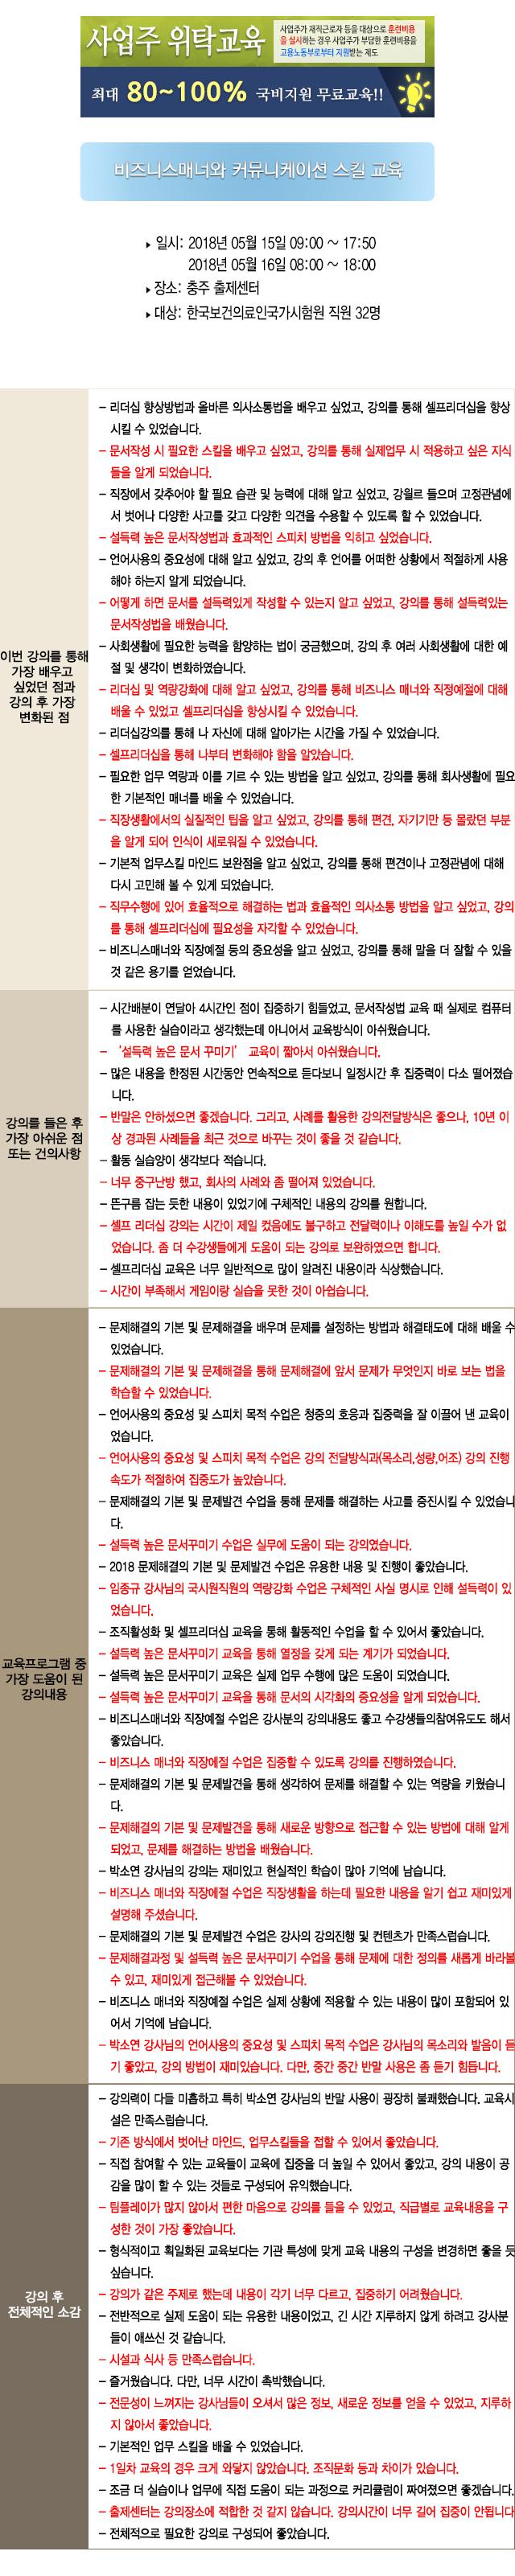 한국중앙인재개발원 후기 B반 한국보건의료인국가시험원.jpg